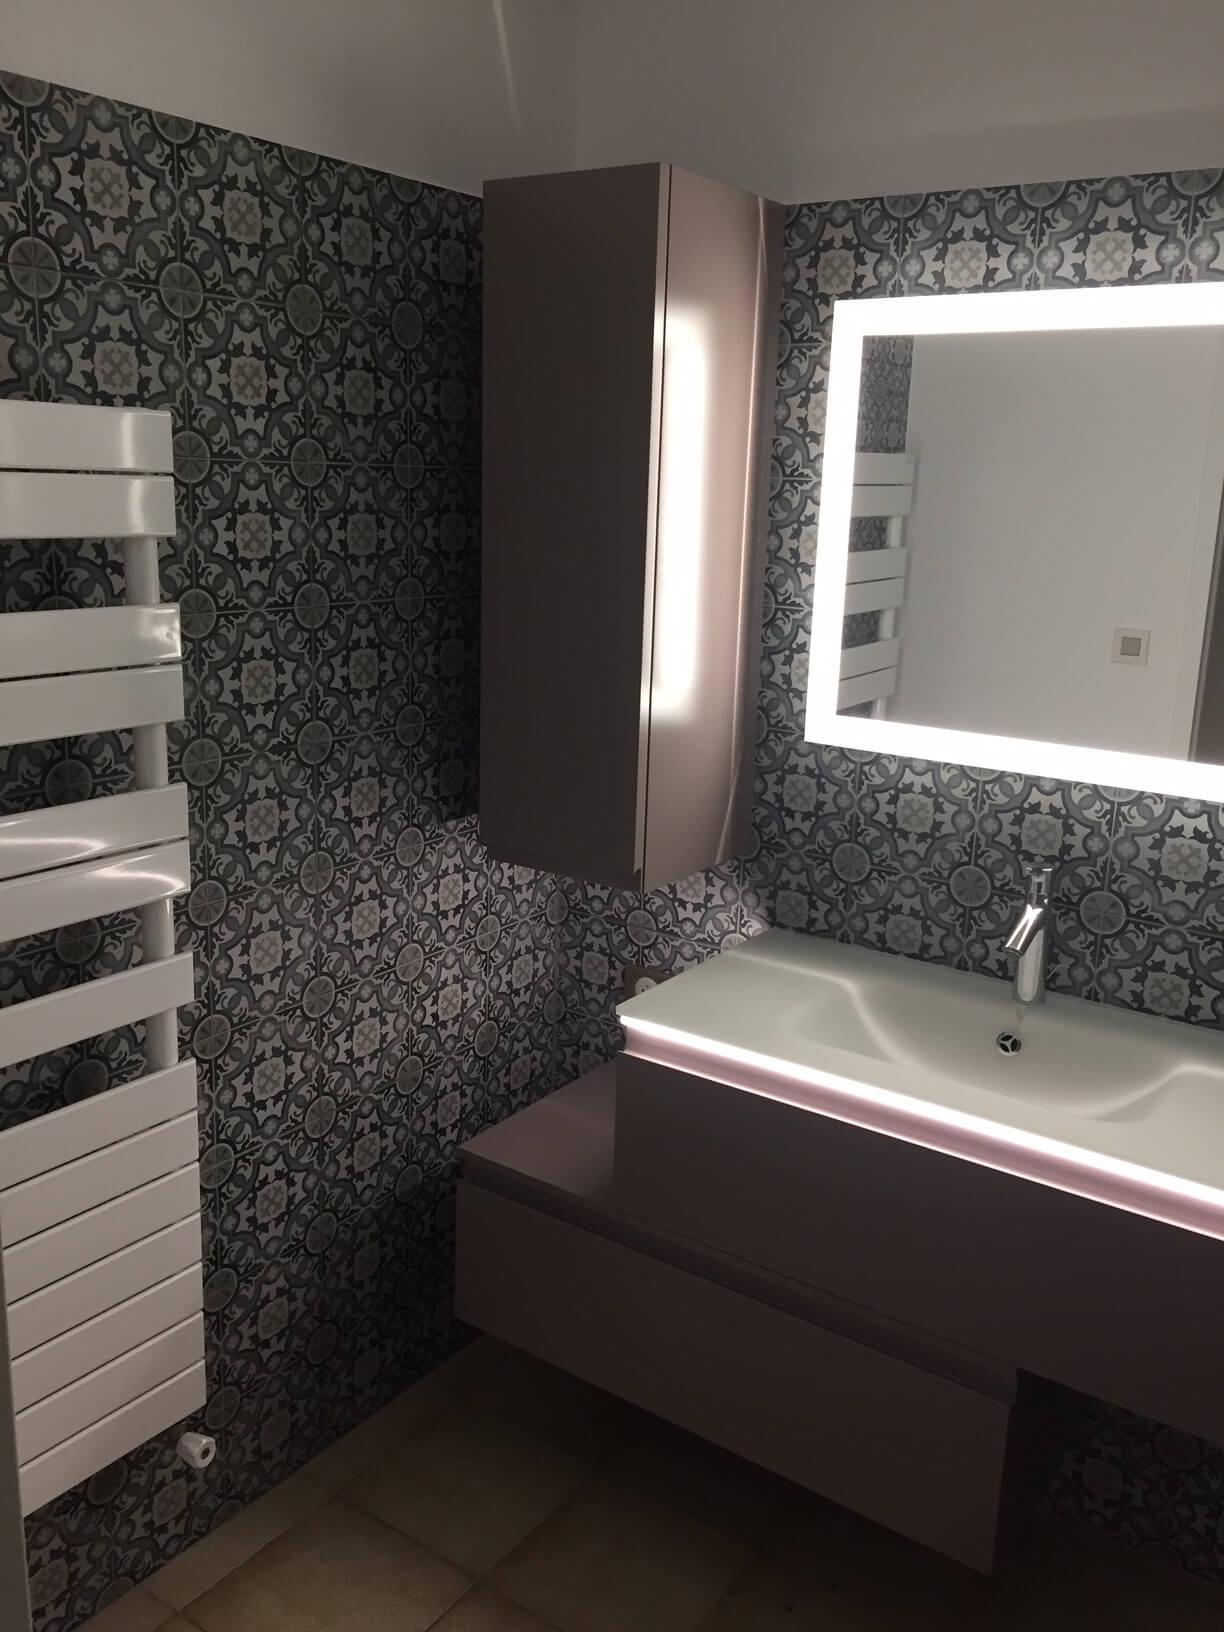 Rénovation complète d'une salle de bain par les plombiers-chauffagistes Génie Fluide